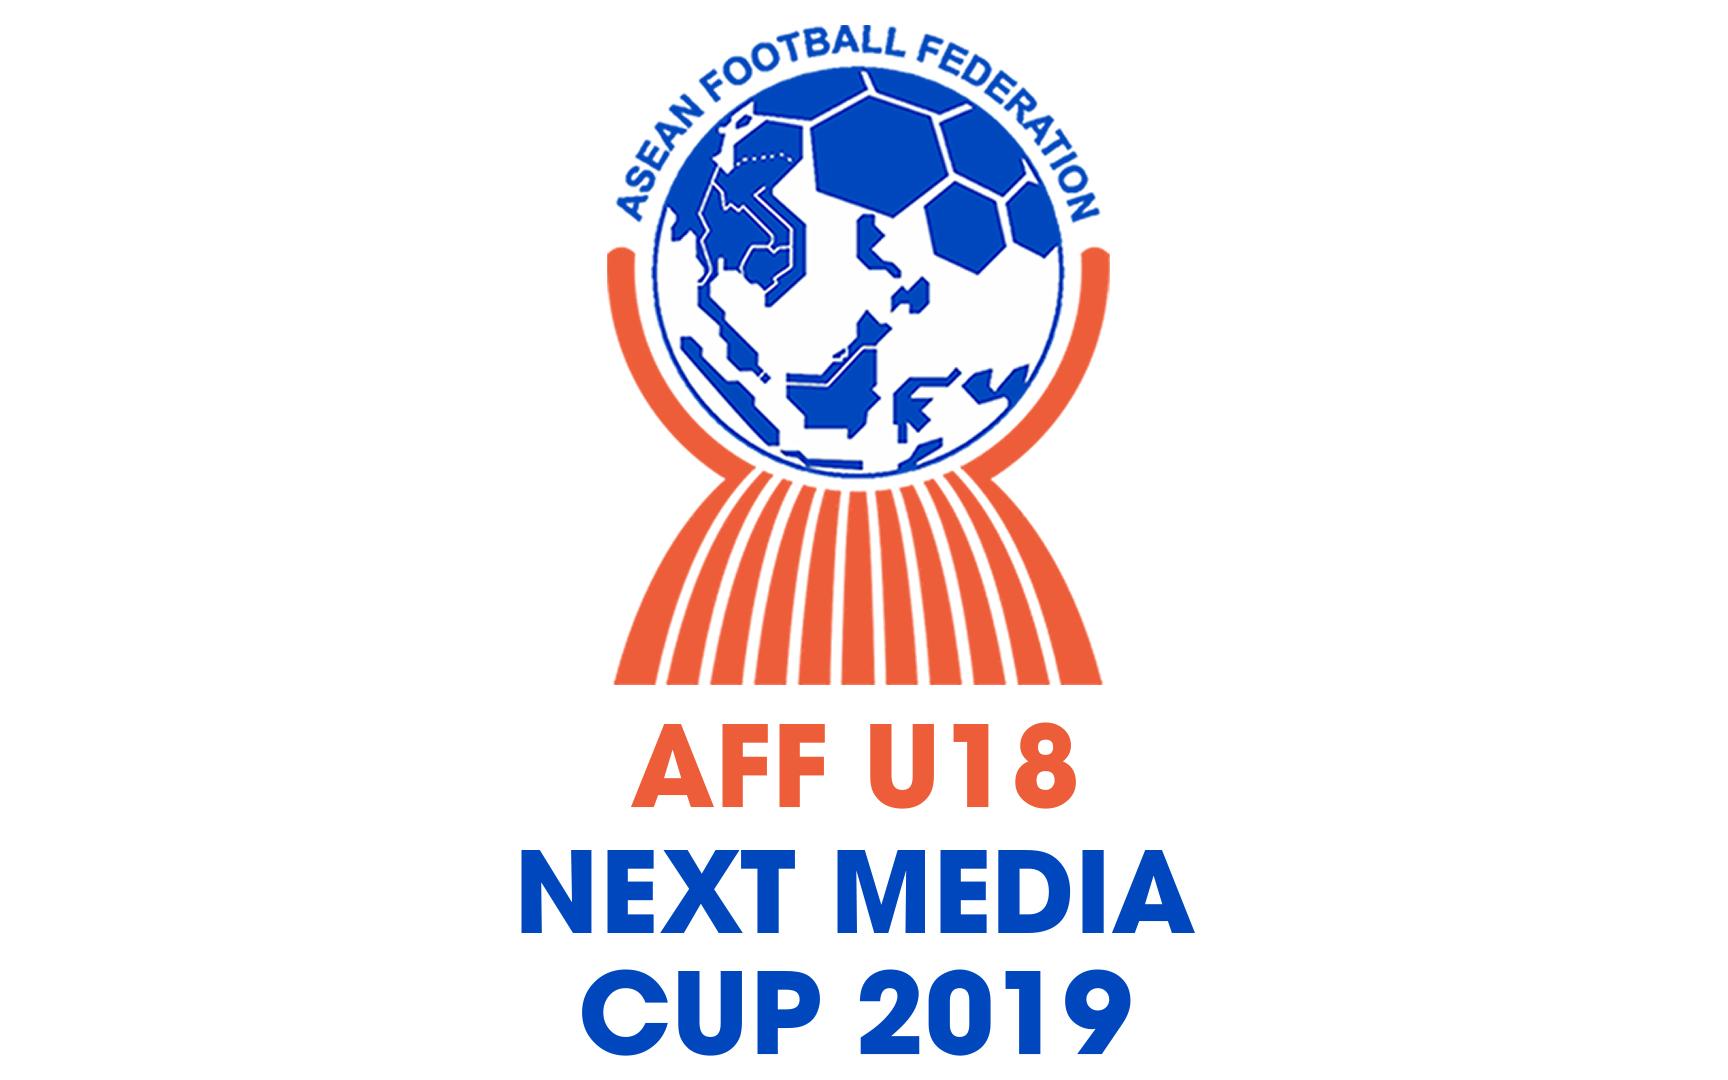 Nguyên tắc xếp hạng tại vòng bảng Giải vô địch U18 Đông Nam Á Cúp Next Media 2019